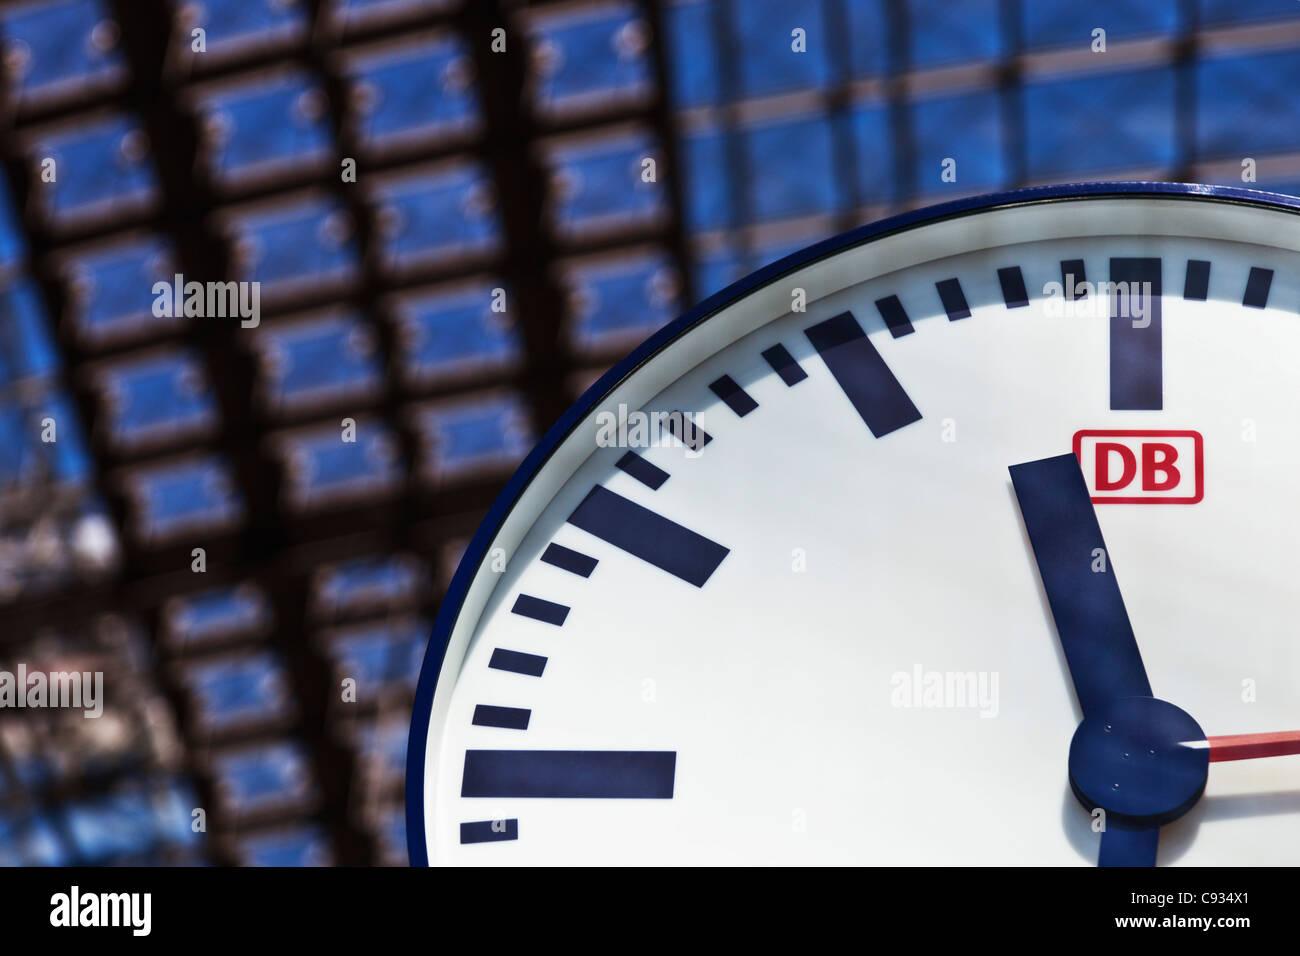 Deutsche Bahn Bahnhof Uhr im Berliner Hauptbahnhof, HauptbahnhofTiergarten, Berlin, Deutschland. Stockbild